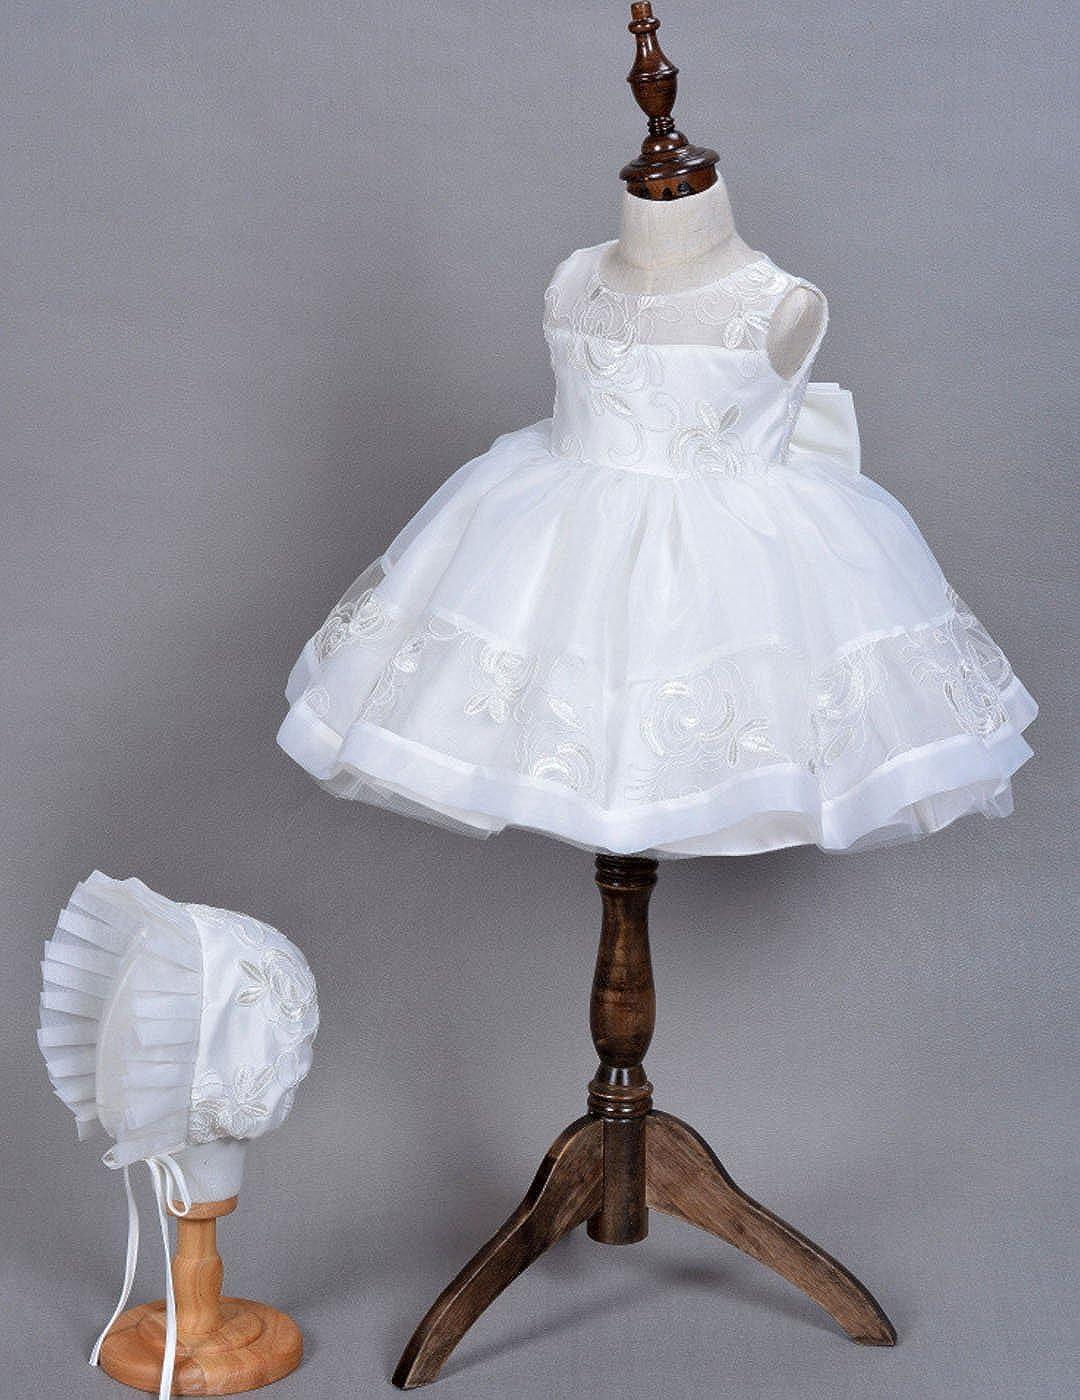 Wei/ß Happy Cherry Baby Taufkleid Geschenk Set f/ür Babym/ädchen Kleid /& M/ütze f/ür die K/örpergr/ö/ße 56-90cm 0-24 Monate